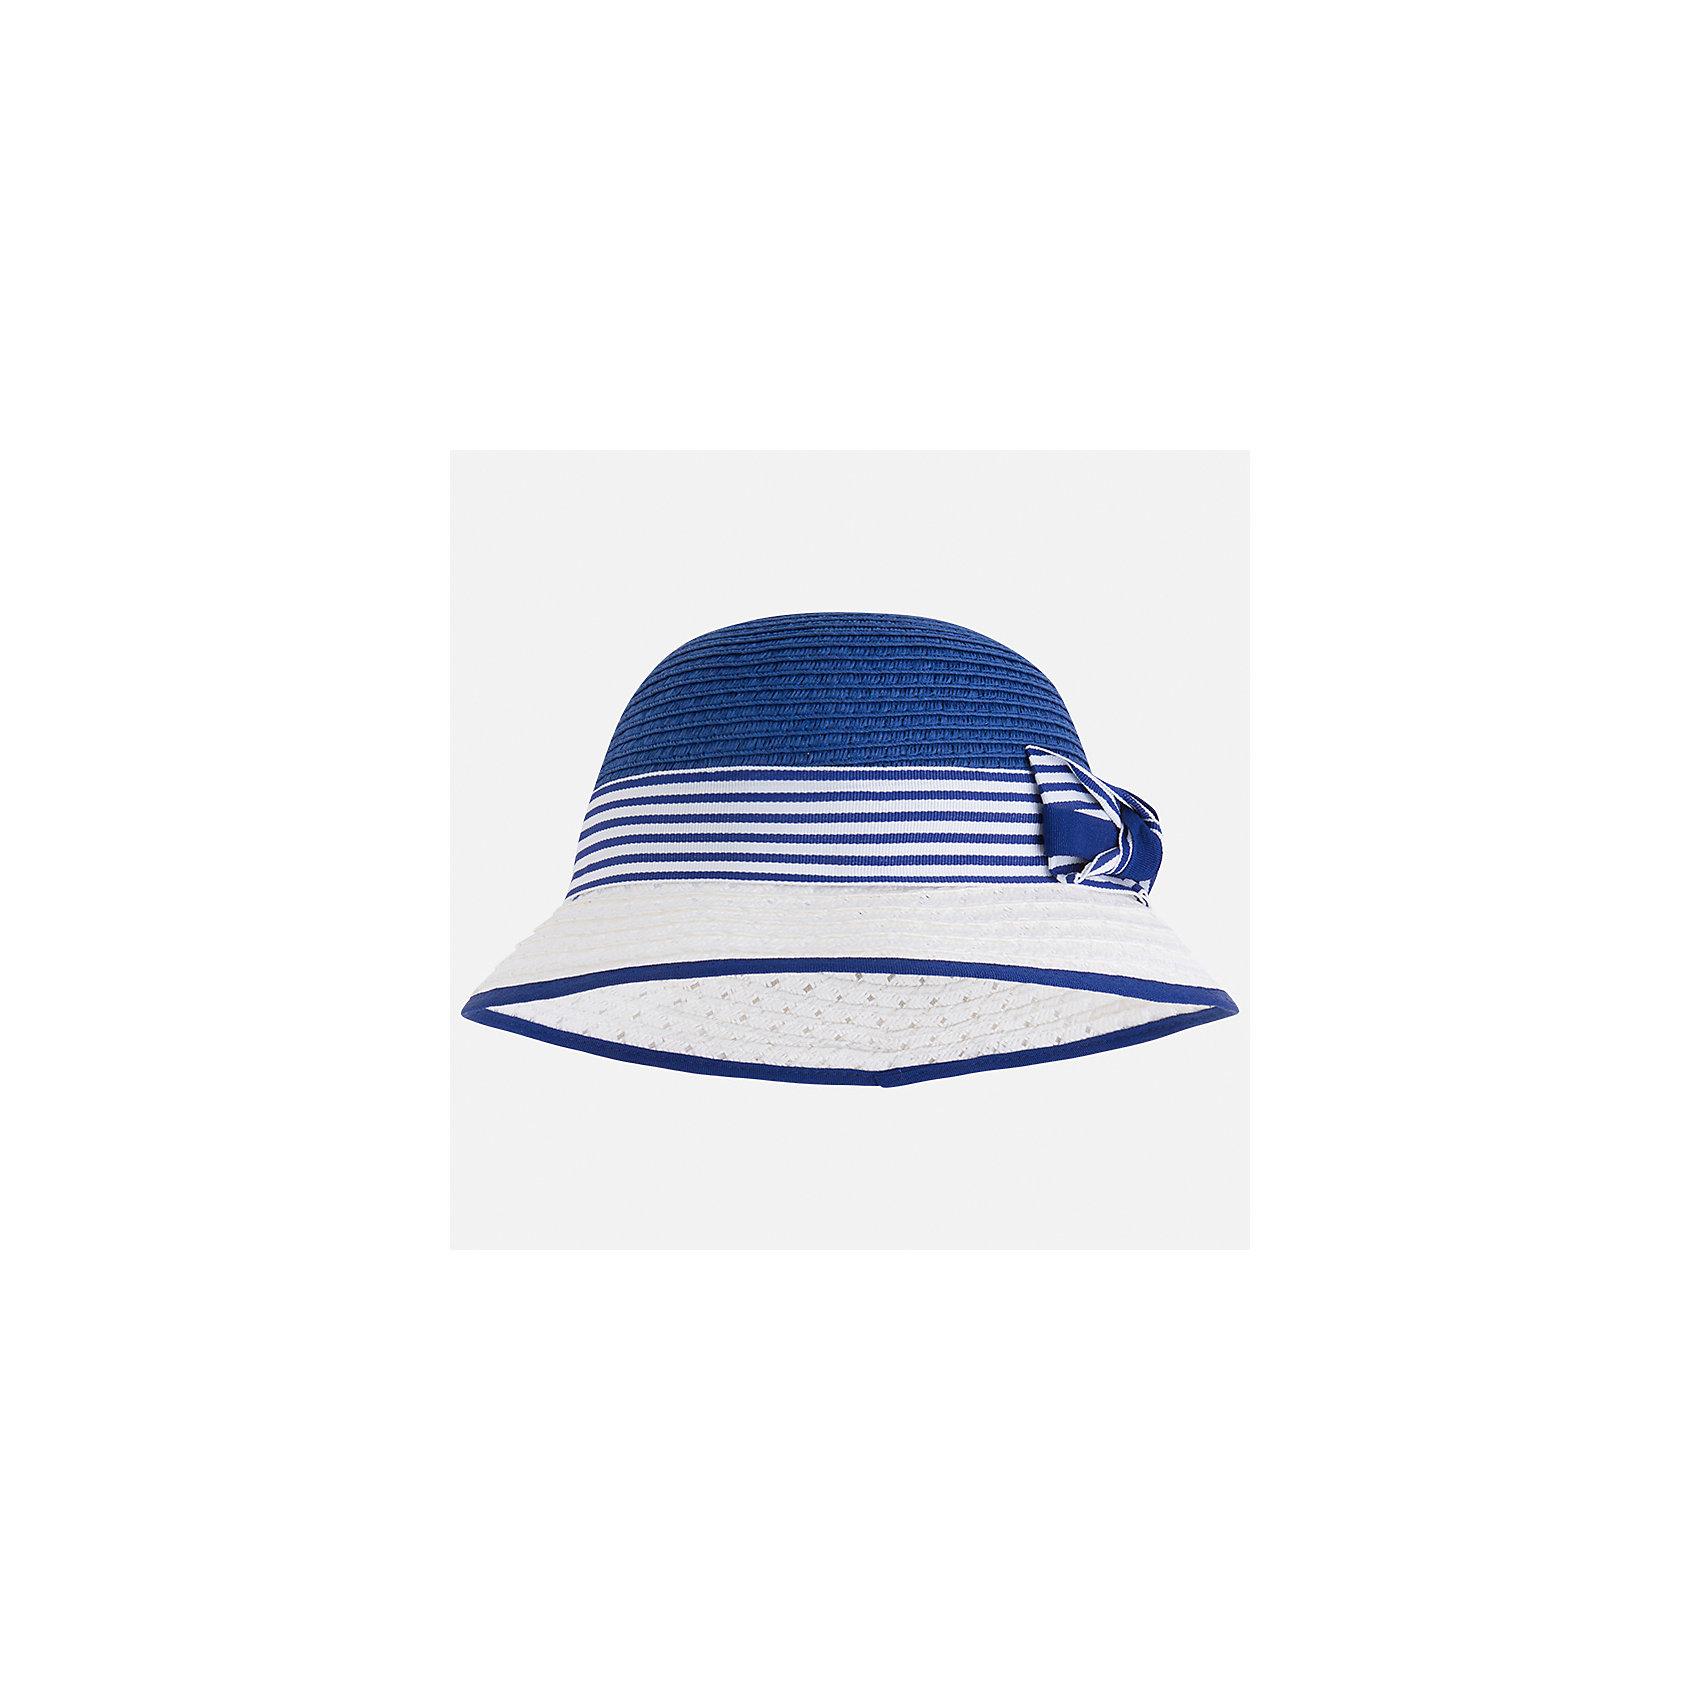 Шляпа для девочки MayoralЛетние<br>Характеристики товара:<br><br>• цвет: синий/белый<br>• состав: 100% бумага<br>• контрастные цвета<br>• дышащая фактура<br>• декорирована бантом<br>• страна бренда: Испания<br><br>Красивая легкая шляпа для девочки поможет обеспечить ребенку защиту от солнца и дополнить наряд. Универсальный цвет позволяет надевать её под наряды различных расцветок. Шляпа удобно сидит и красиво смотрится. <br><br>Одежда, обувь и аксессуары от испанского бренда Mayoral полюбились детям и взрослым по всему миру. Модели этой марки - стильные и удобные. Для их производства используются только безопасные, качественные материалы и фурнитура. Порадуйте ребенка модными и красивыми вещами от Mayoral! <br><br>Шляпу для девочки от испанского бренда Mayoral (Майорал) можно купить в нашем интернет-магазине.<br><br>Ширина мм: 89<br>Глубина мм: 117<br>Высота мм: 44<br>Вес г: 155<br>Цвет: синий<br>Возраст от месяцев: 72<br>Возраст до месяцев: 84<br>Пол: Женский<br>Возраст: Детский<br>Размер: 54,50,52<br>SKU: 5293531